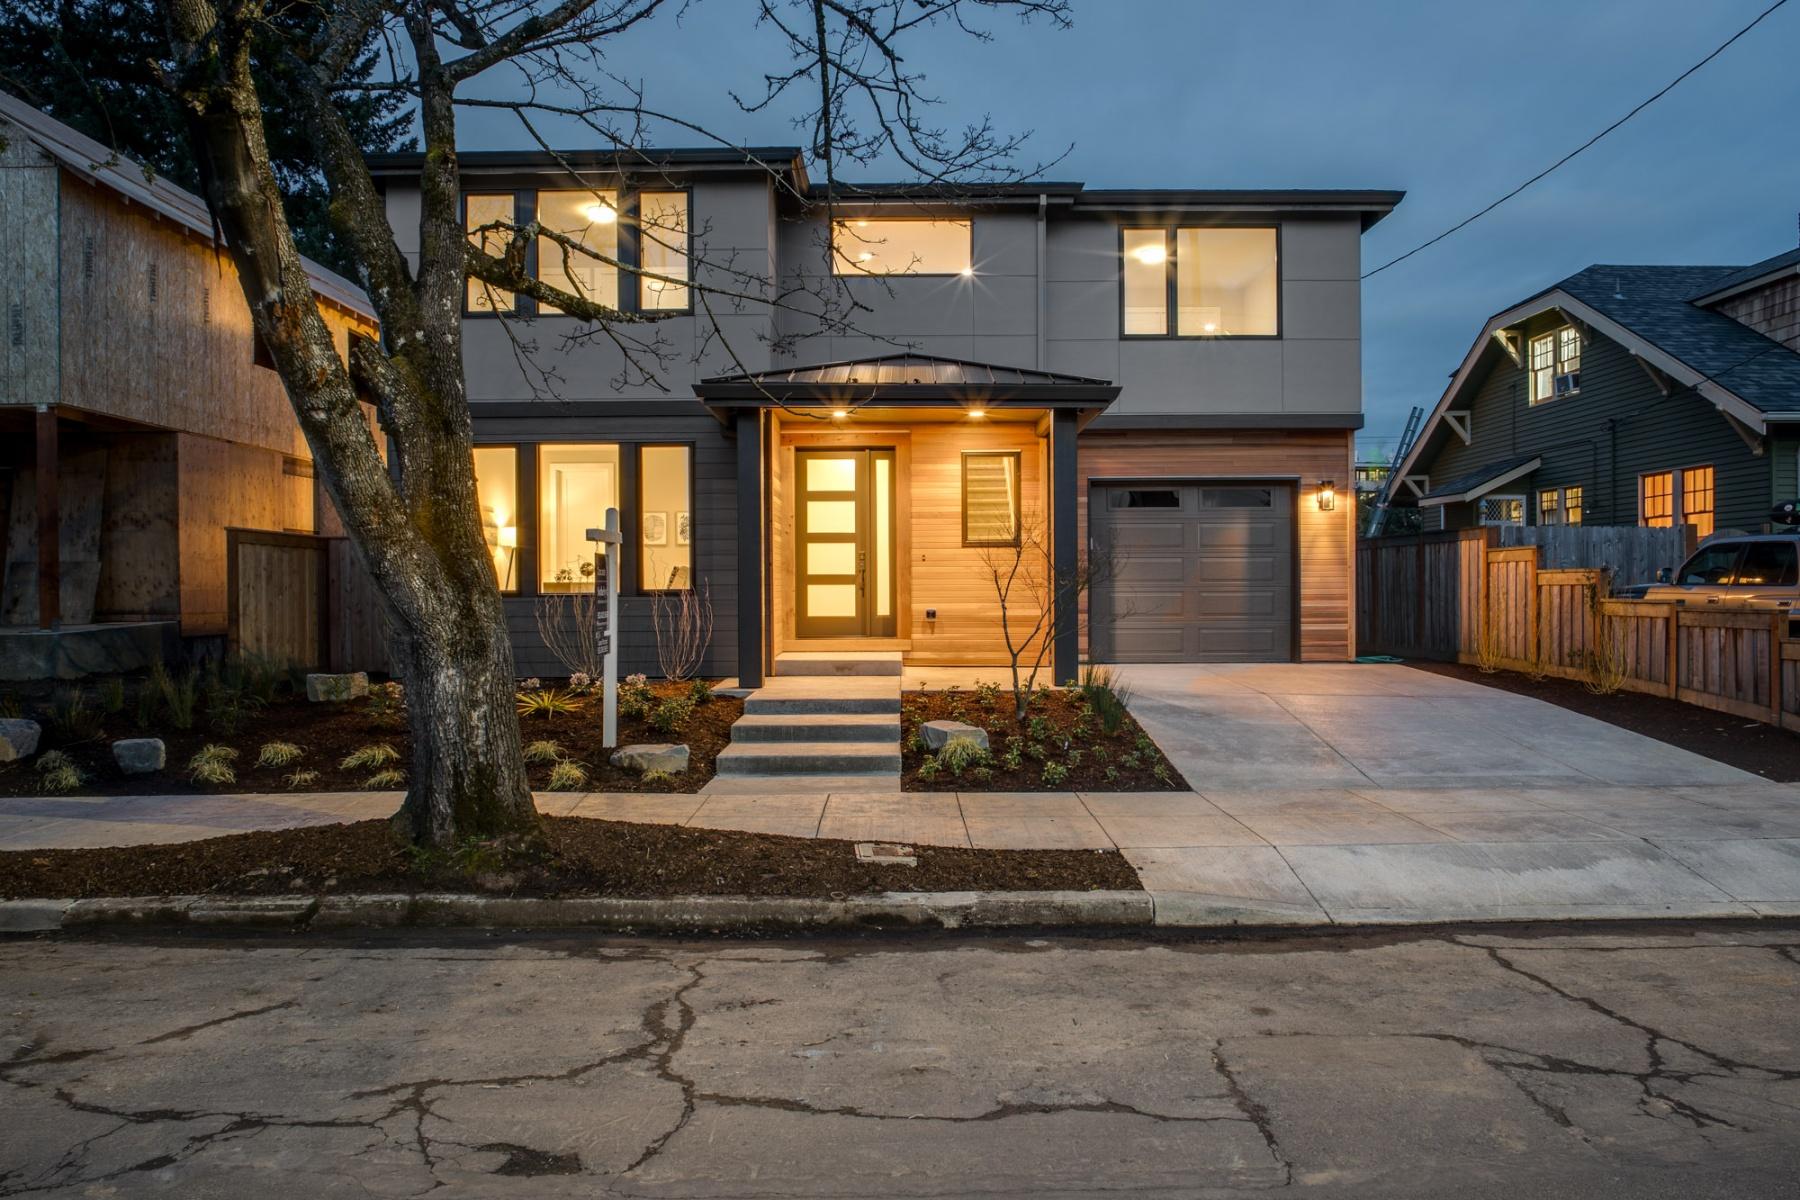 Частный односемейный дом для того Продажа на 6314 Se 21st Ave Portland, Орегон, 97202 Соединенные Штаты